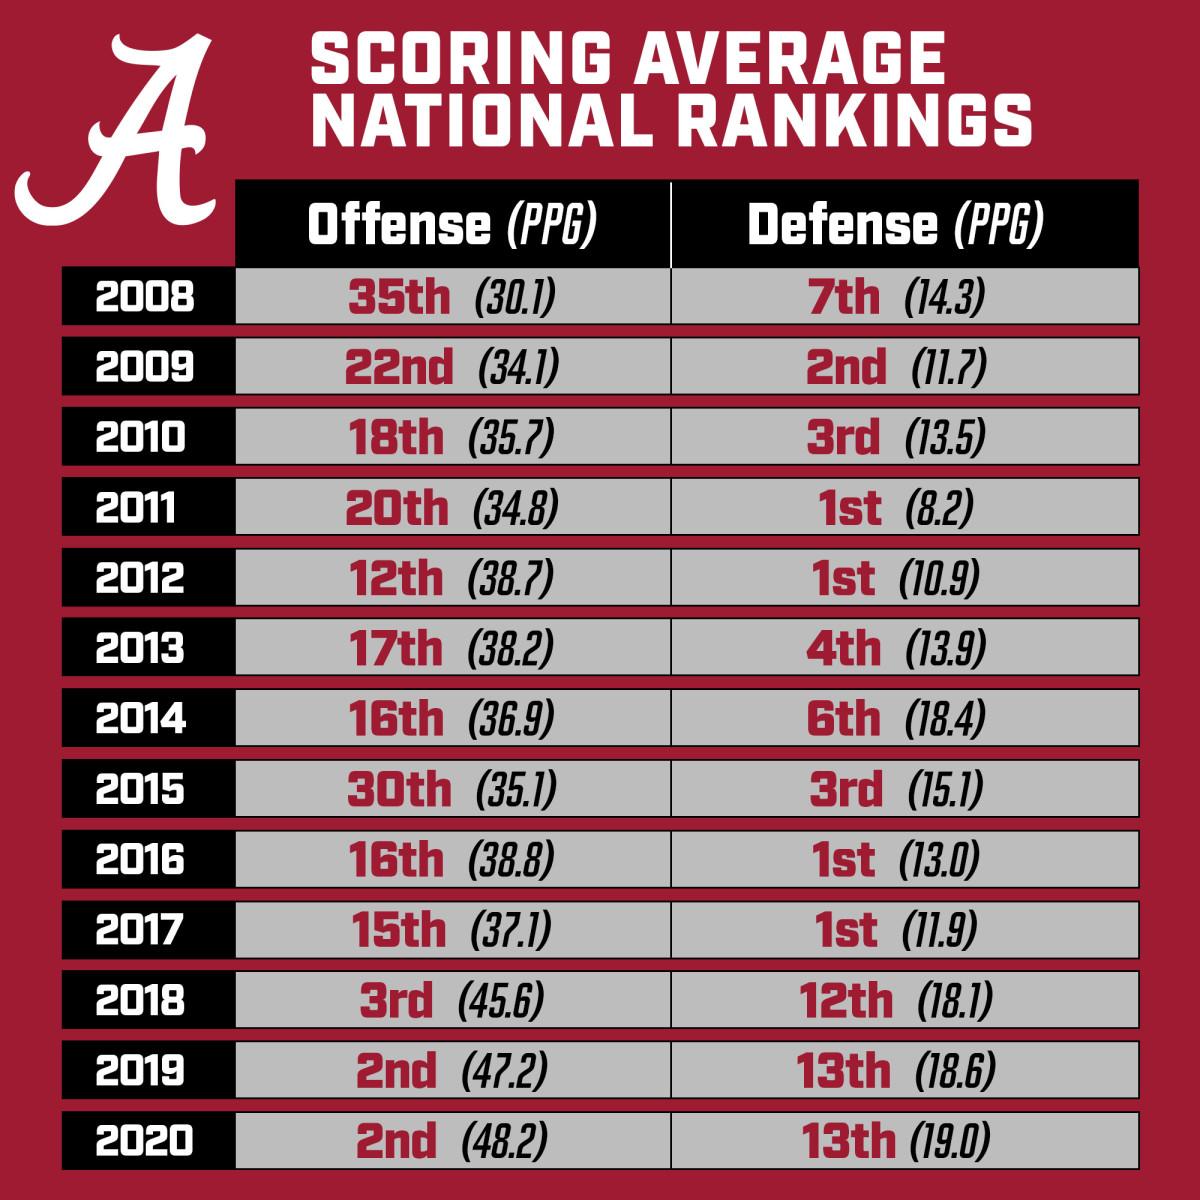 Alabama scoring average national rankings